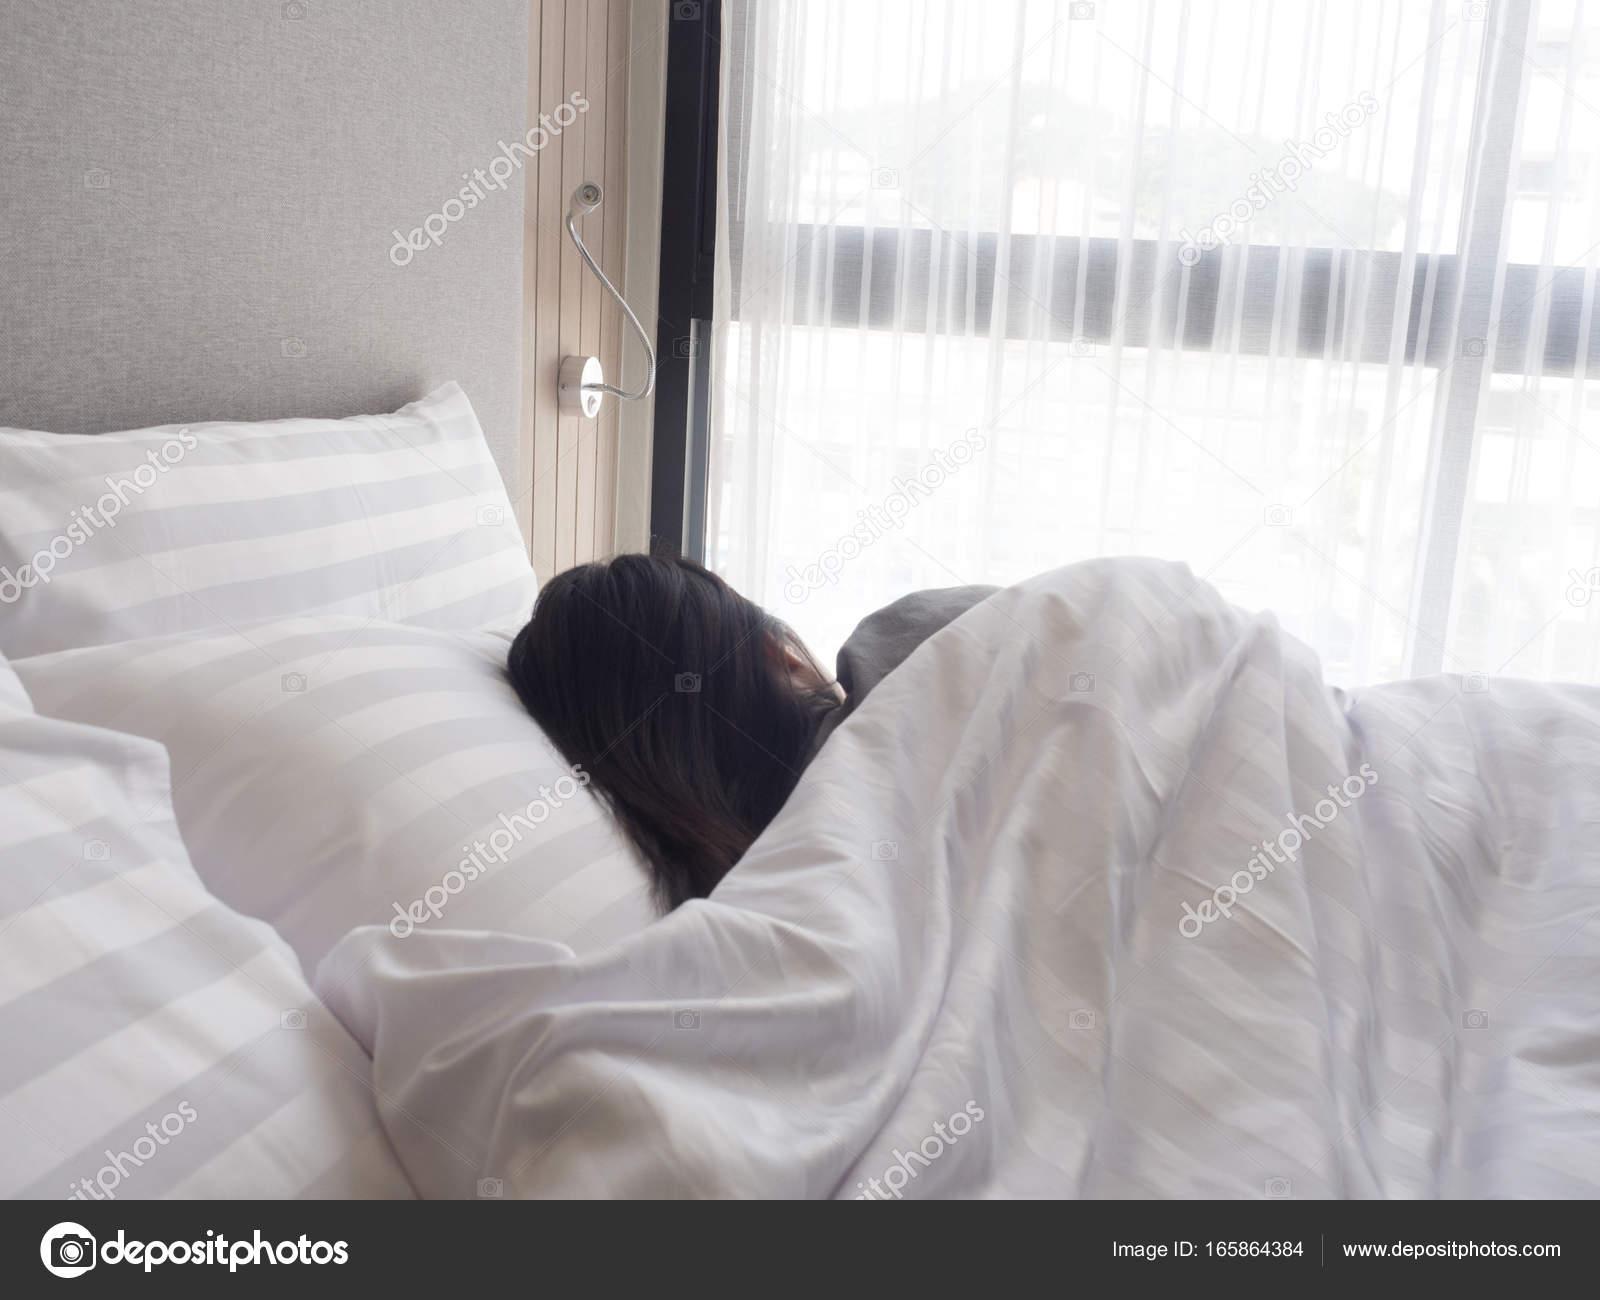 Стянул одеяло с сестры, Сводный брат забрался в постель к спящей сестре 19 фотография